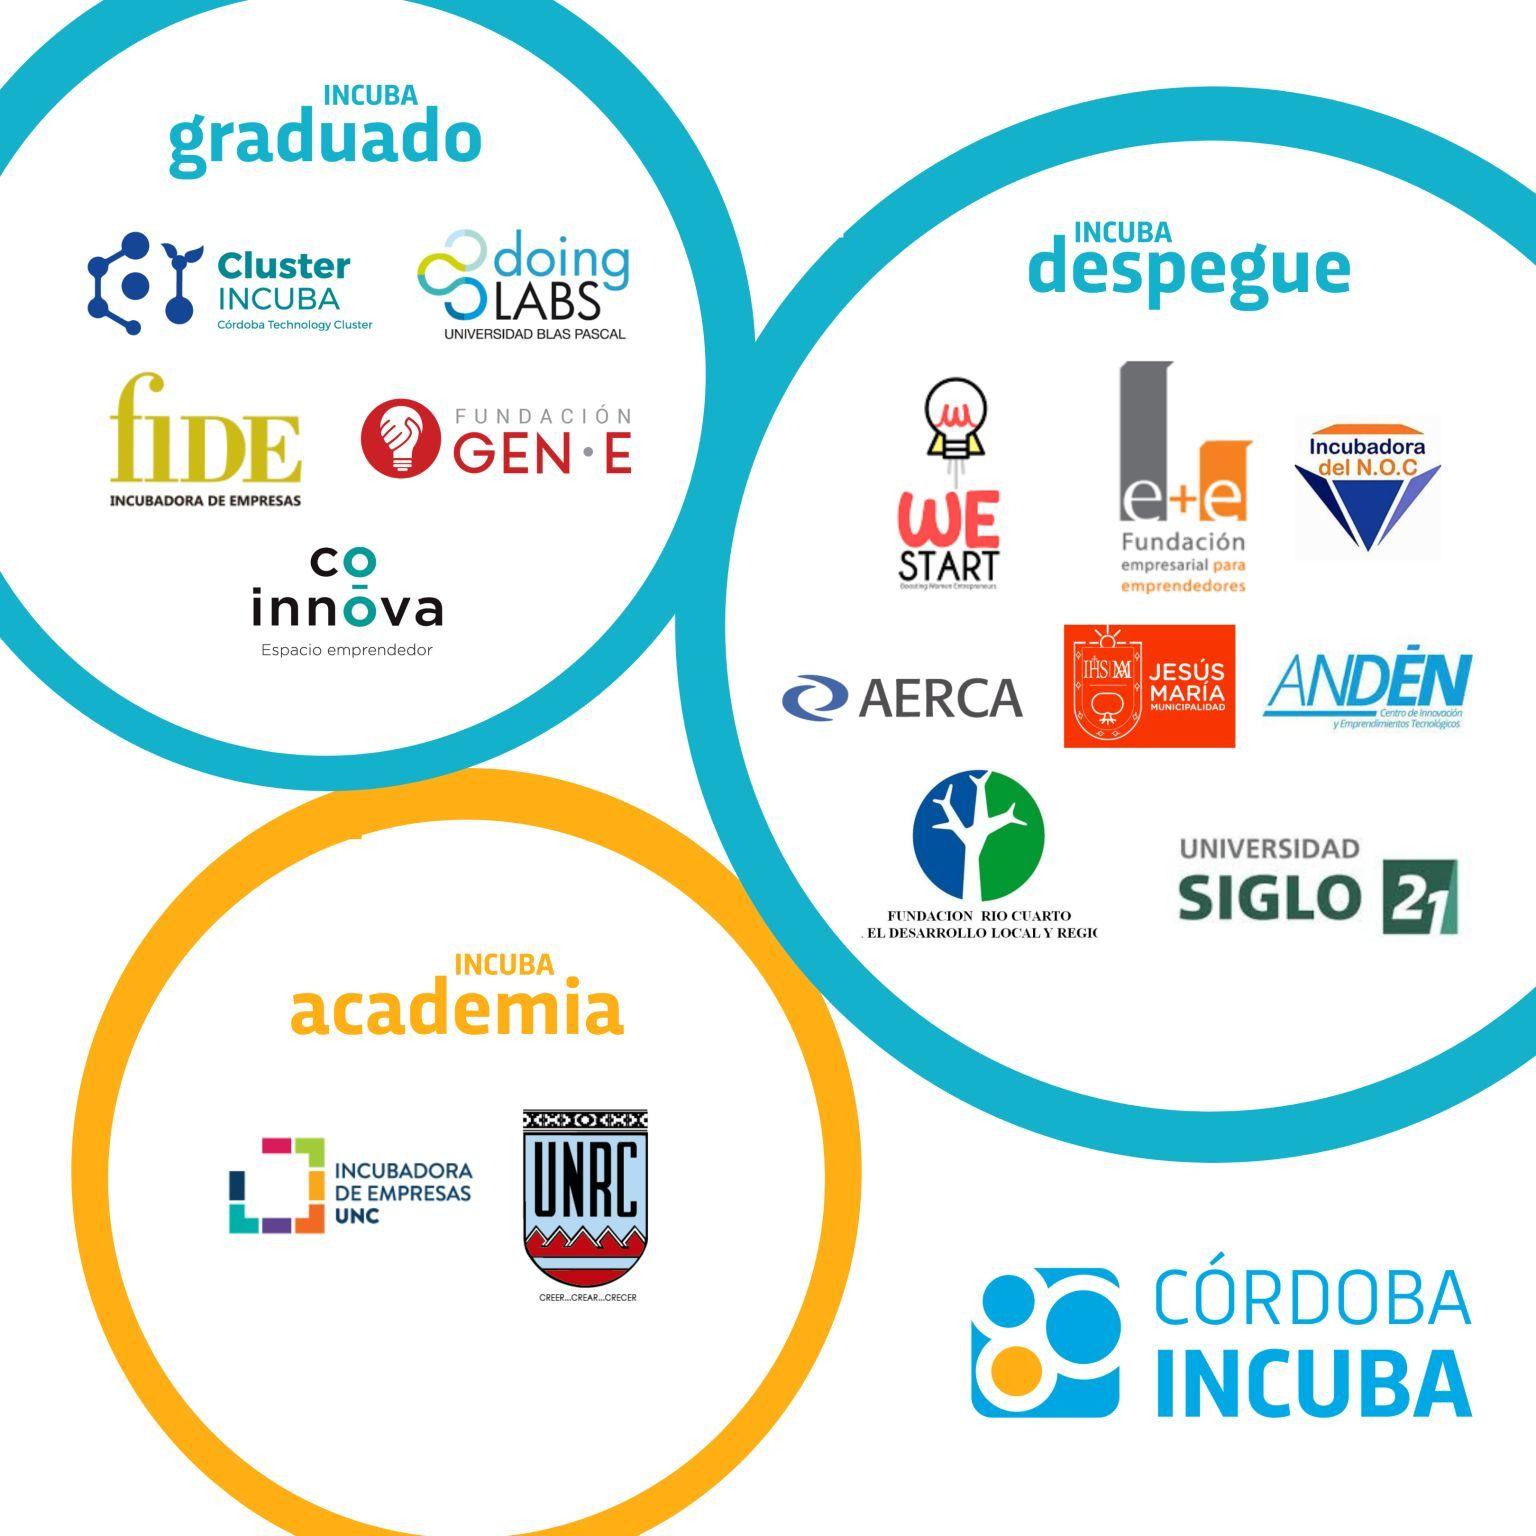 Cluster Incuba seleccionada en el Programa Córdoba Incuba 2021